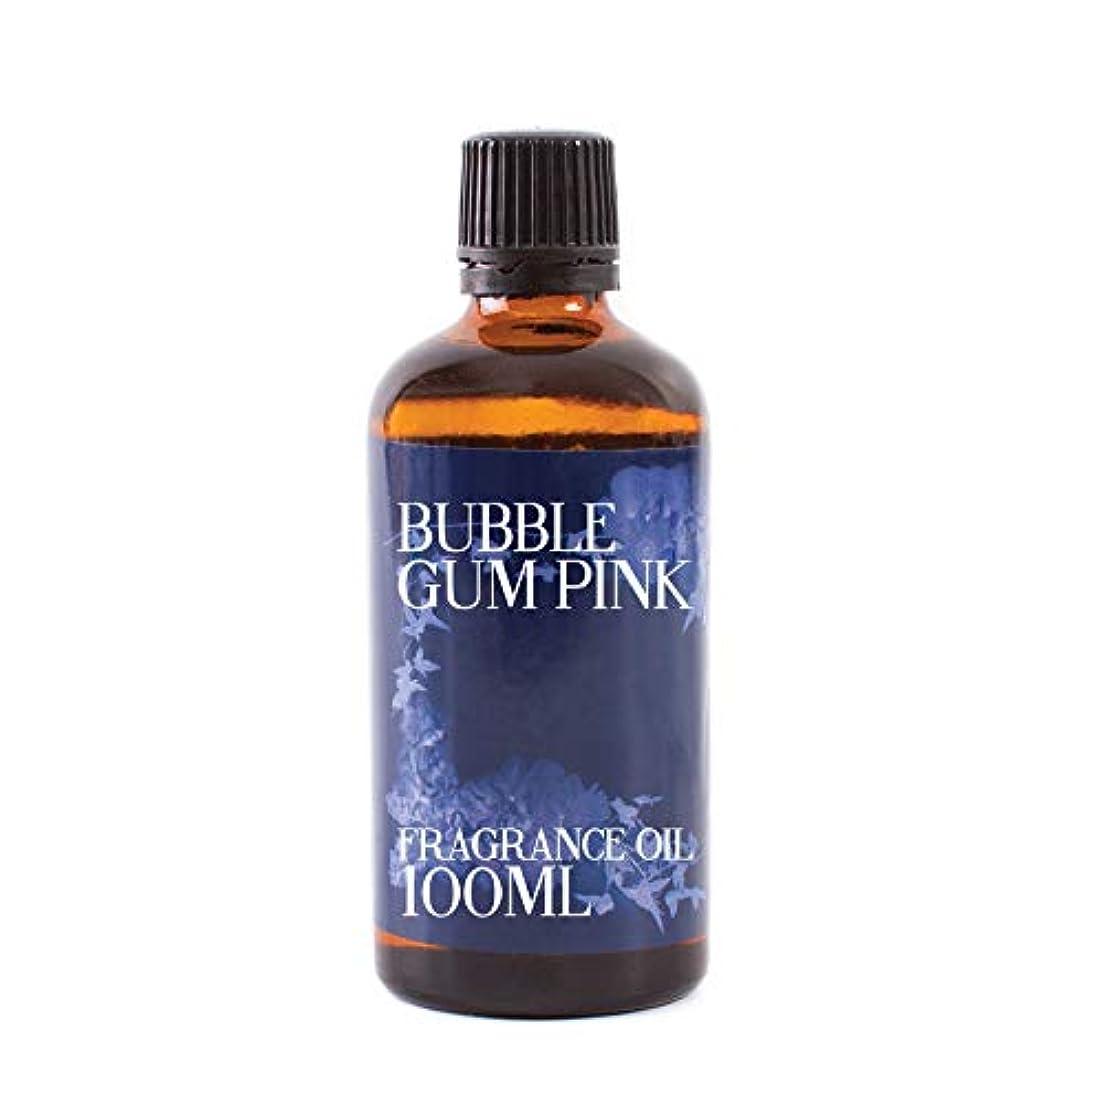 マラソン郡最も遠いMystic Moments | Bubble Gum Pink Fragrance Oil - 100ml